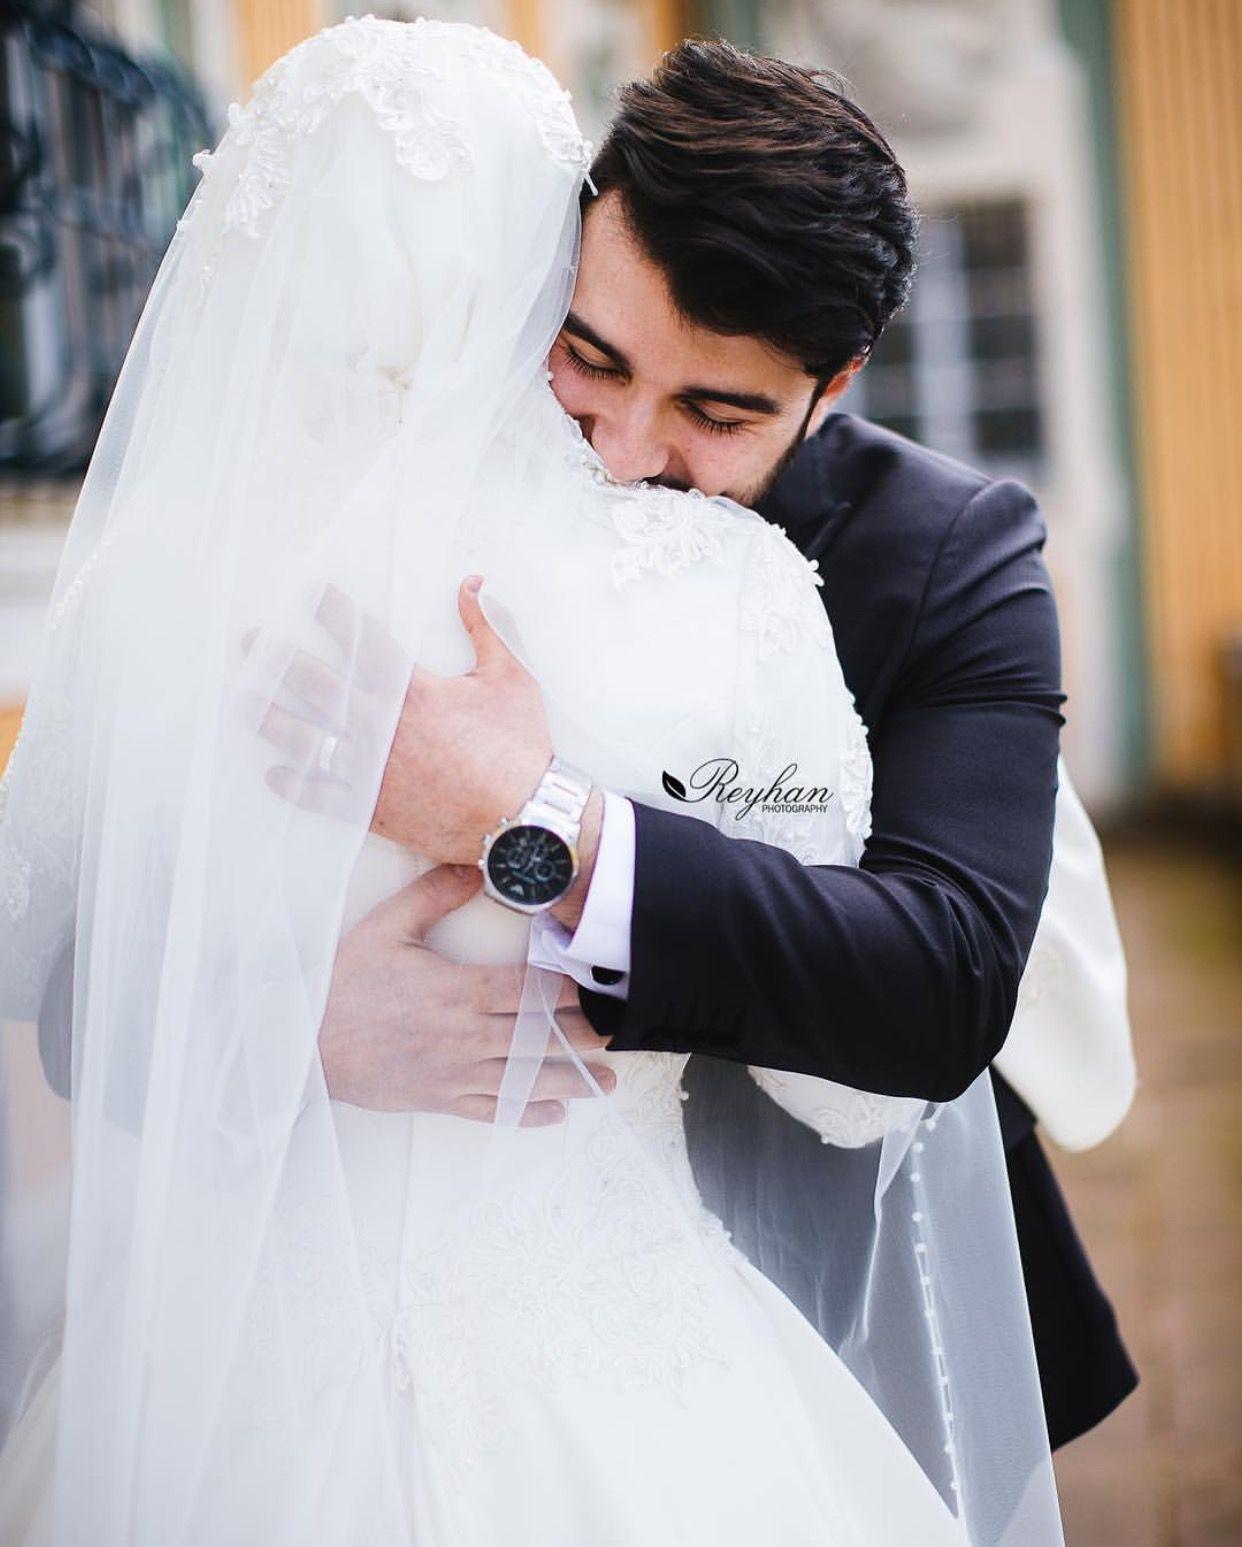 بالصور صور عروس وعريس , من اجل الذكريات يلتقط العرسان صور كشخة 1896 3